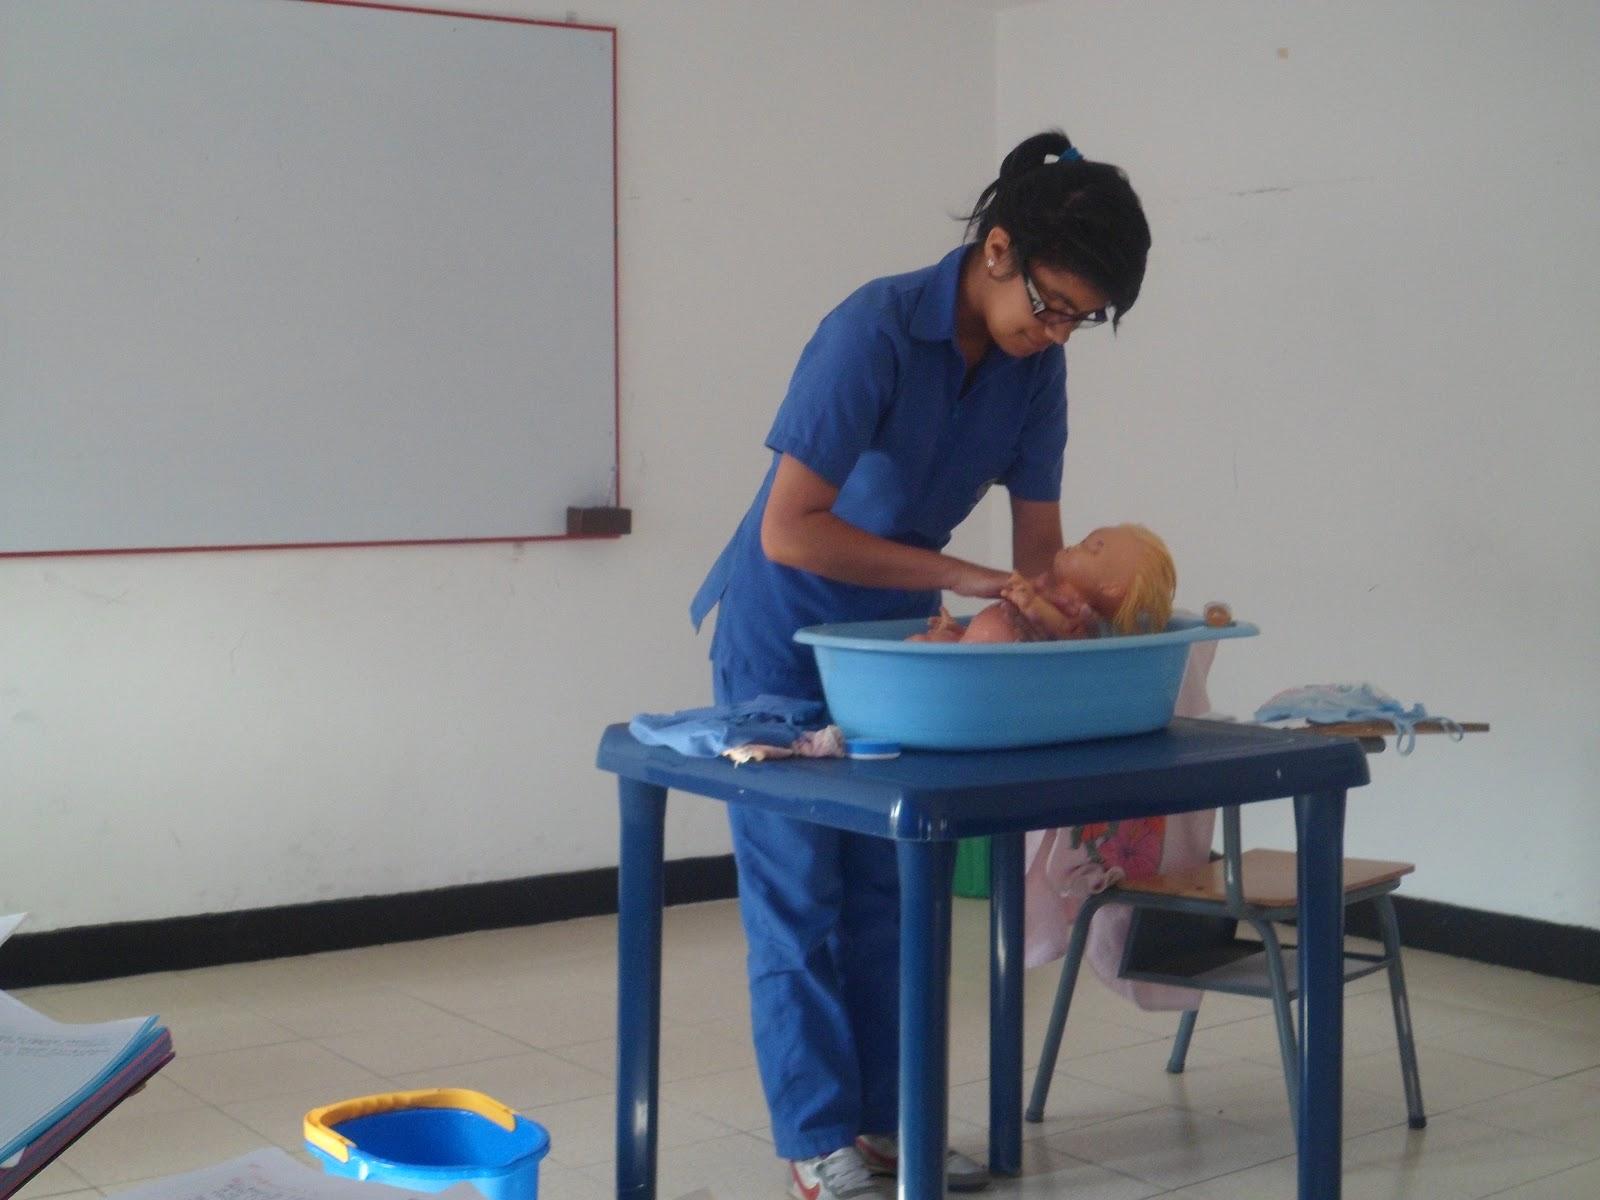 Baño De Tina Recien Nacido:baño de inmersion al recien nacido